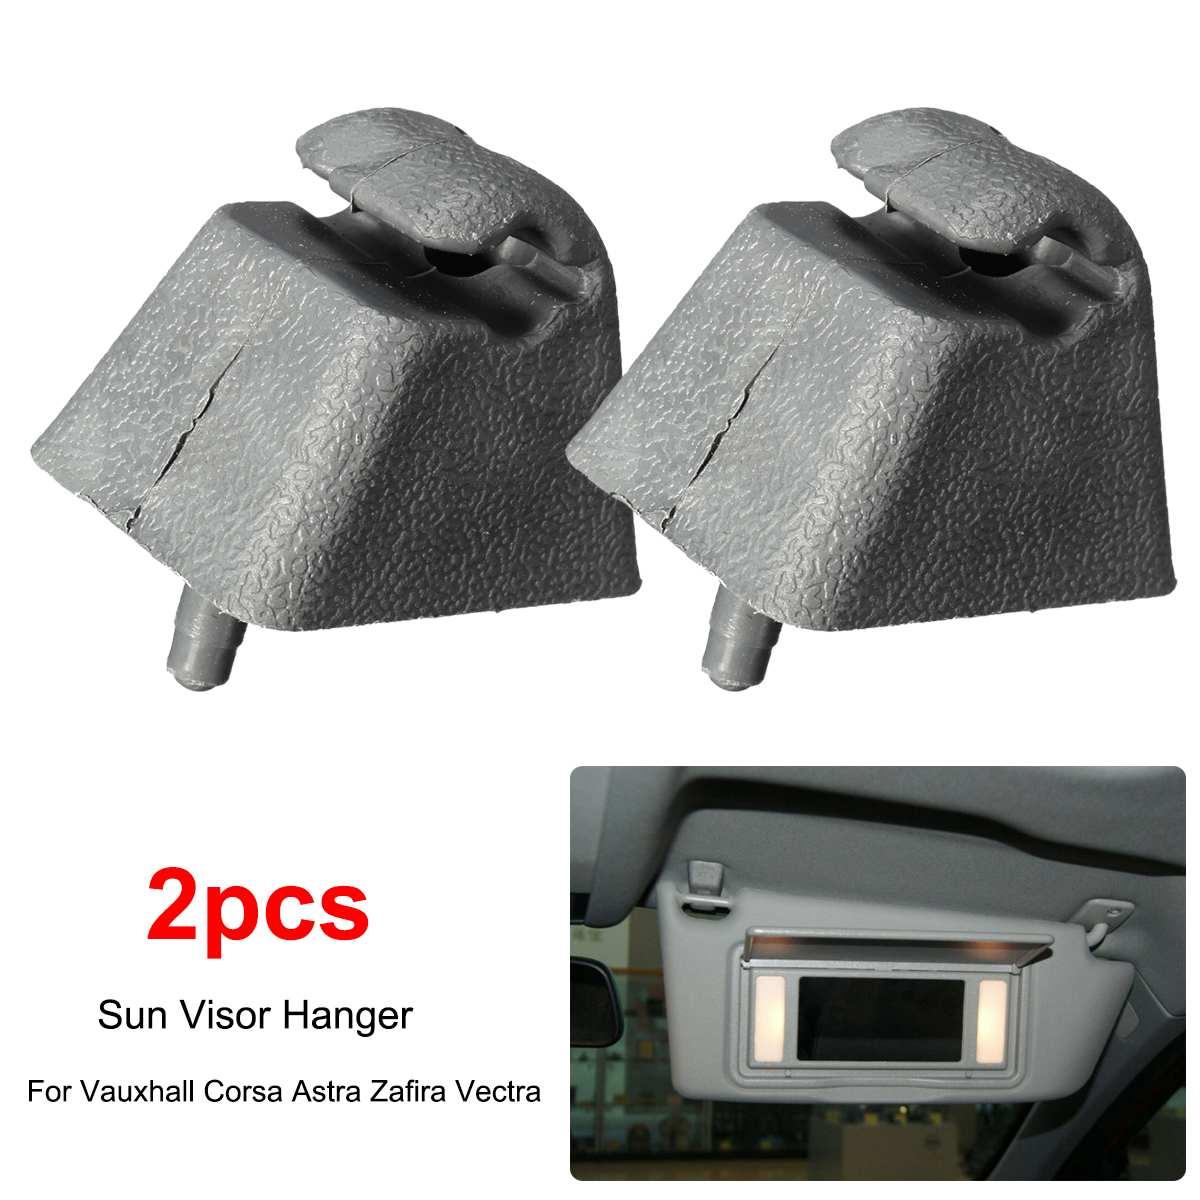 2pcs Car Sun Visor Mount Bracket Clip Hanger Holder For Opel/Vauxhall Corsa/Astra Vectra Meriva Vivaro Vivaro